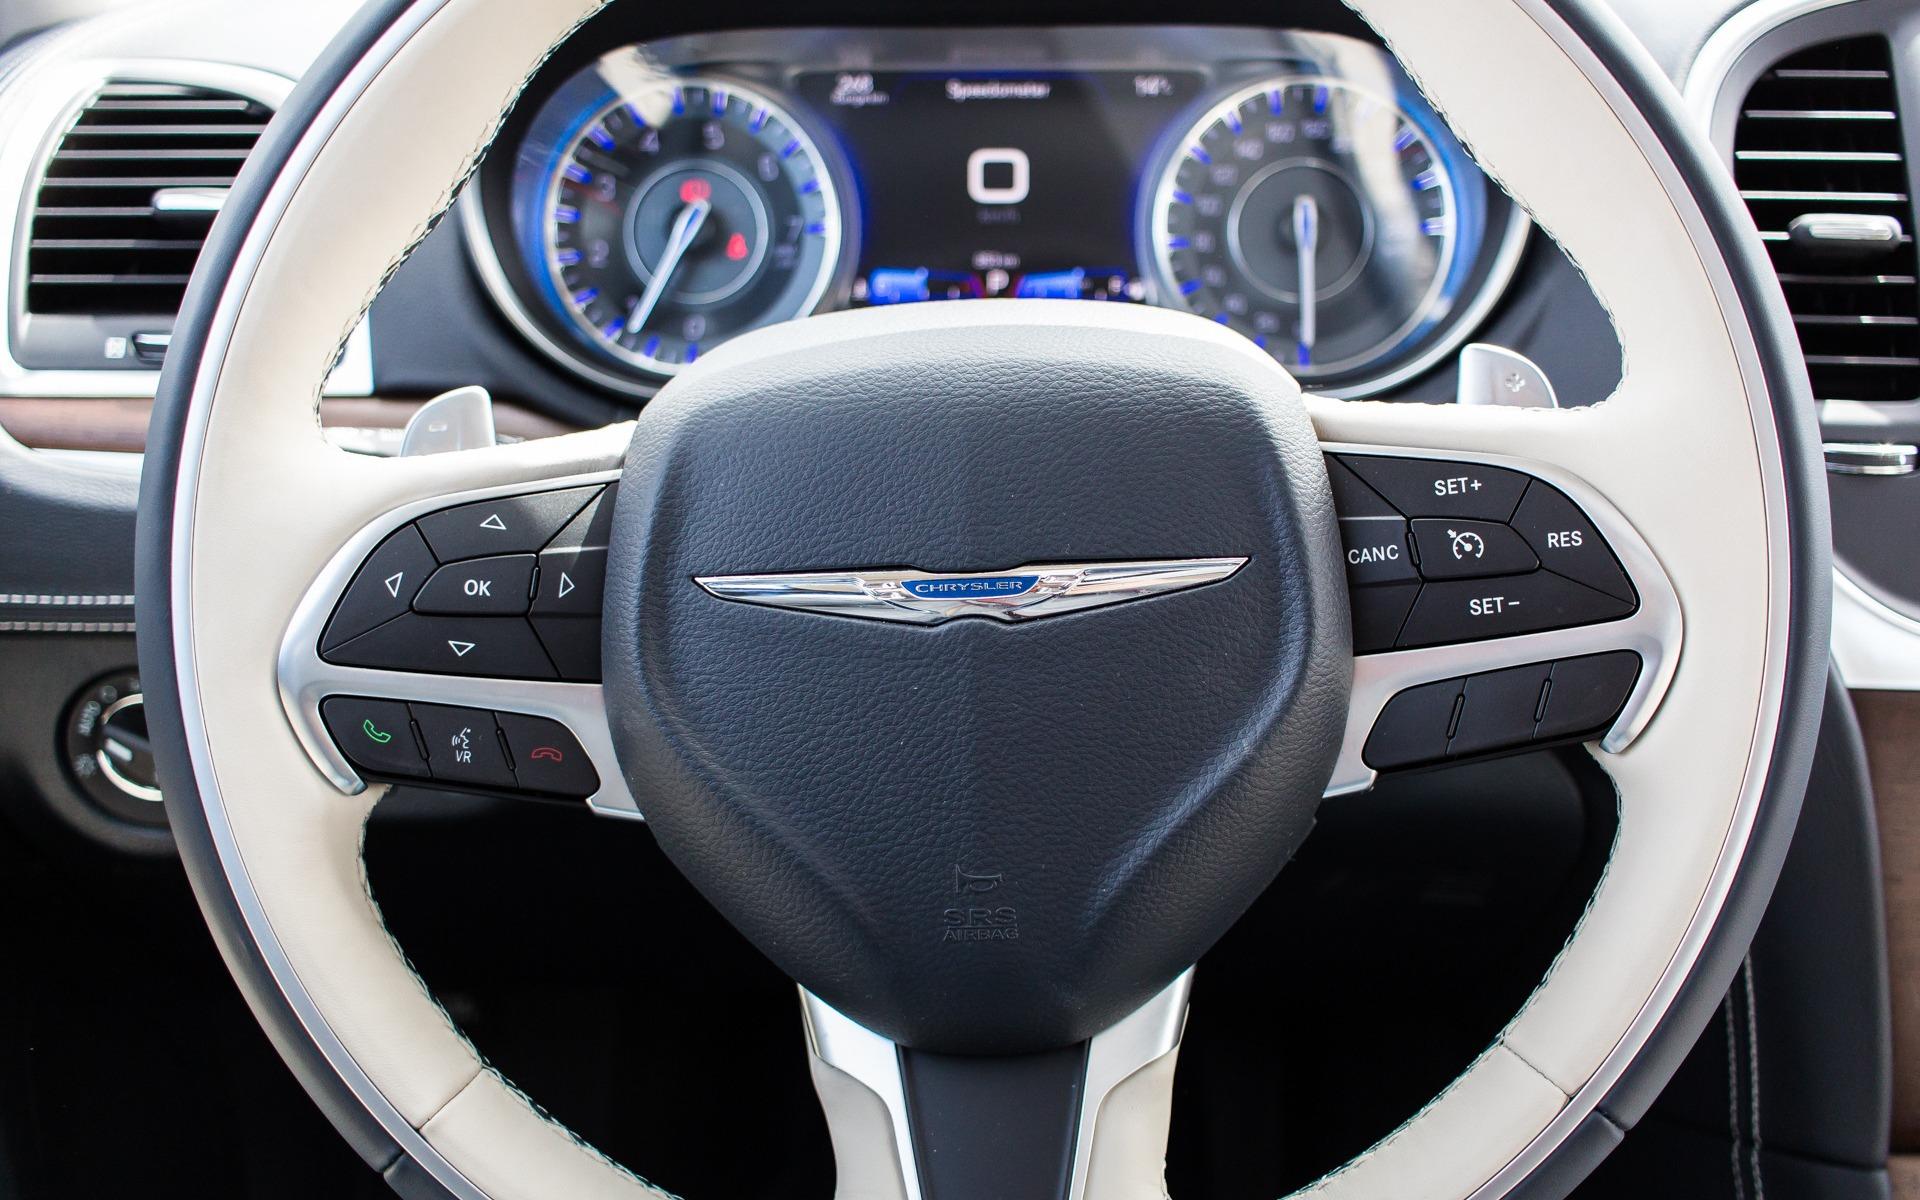 2015 Chrysler 300c Platinum The Likeable Dinosaur 29 36